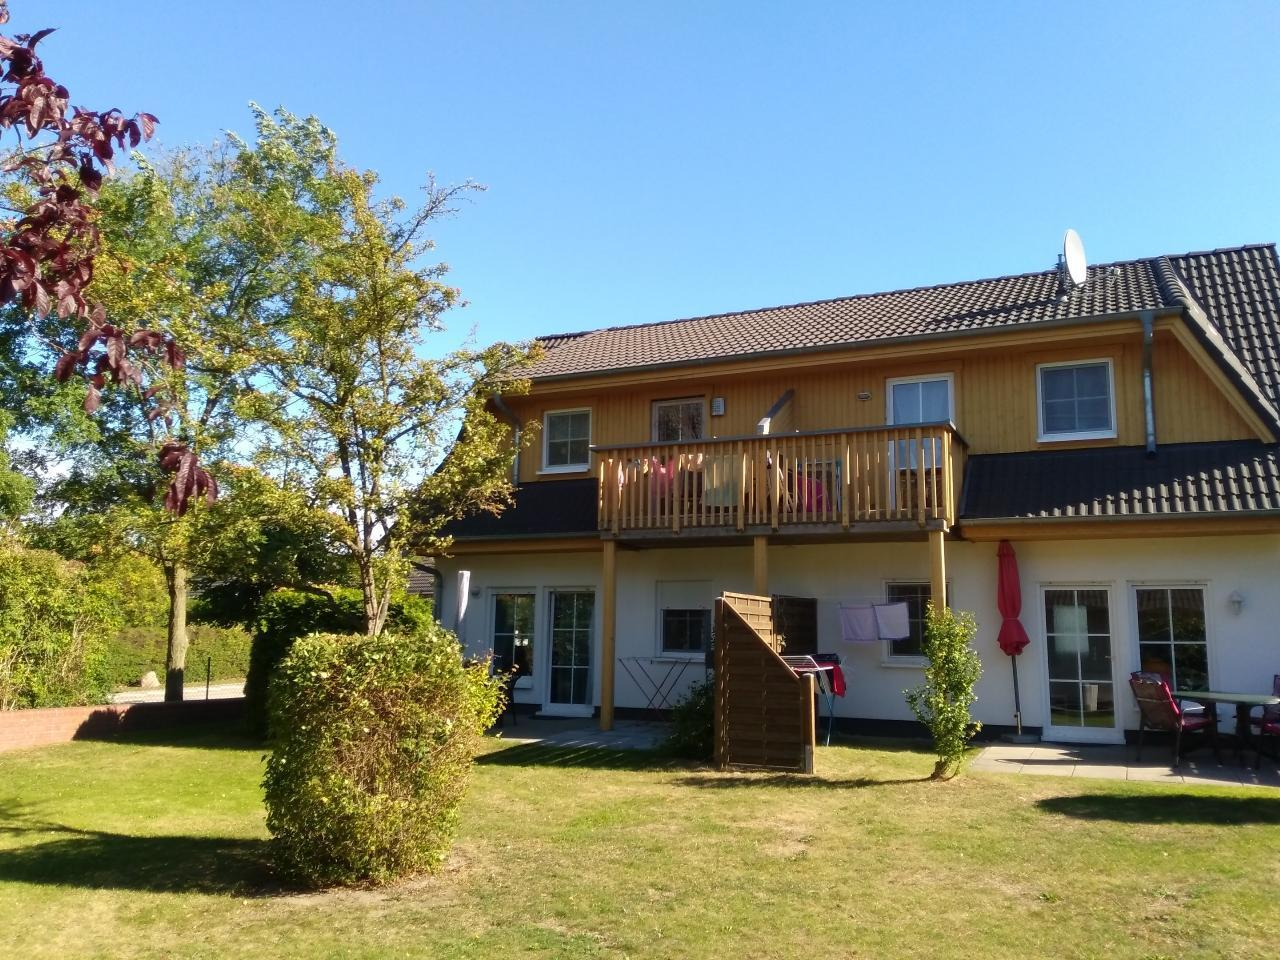 FW mit Südbalkon Ferienwohnung auf Usedom